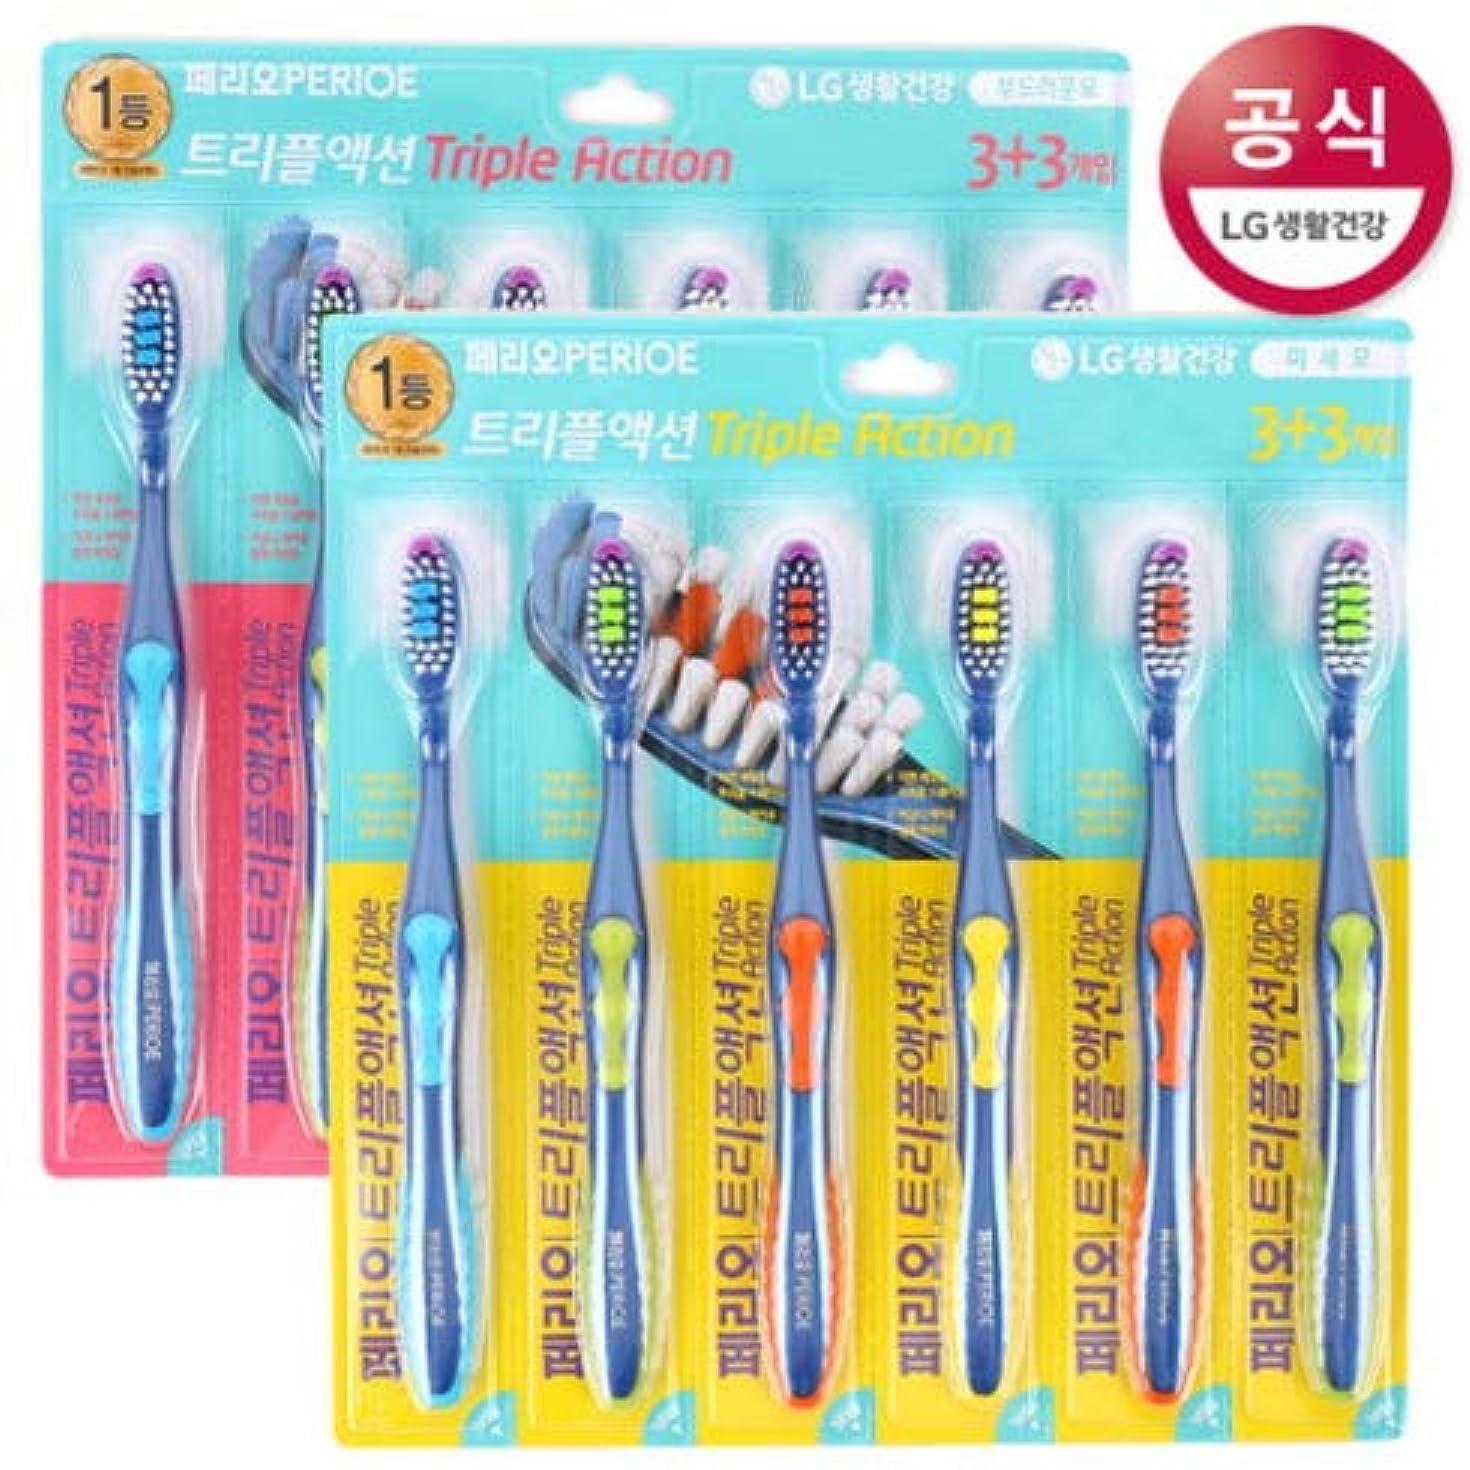 エキスパート誰の効能[LG HnB] Perio Triple Action Toothbrush/ペリオトリプルアクション歯ブラシ 6口x2個(海外直送品)